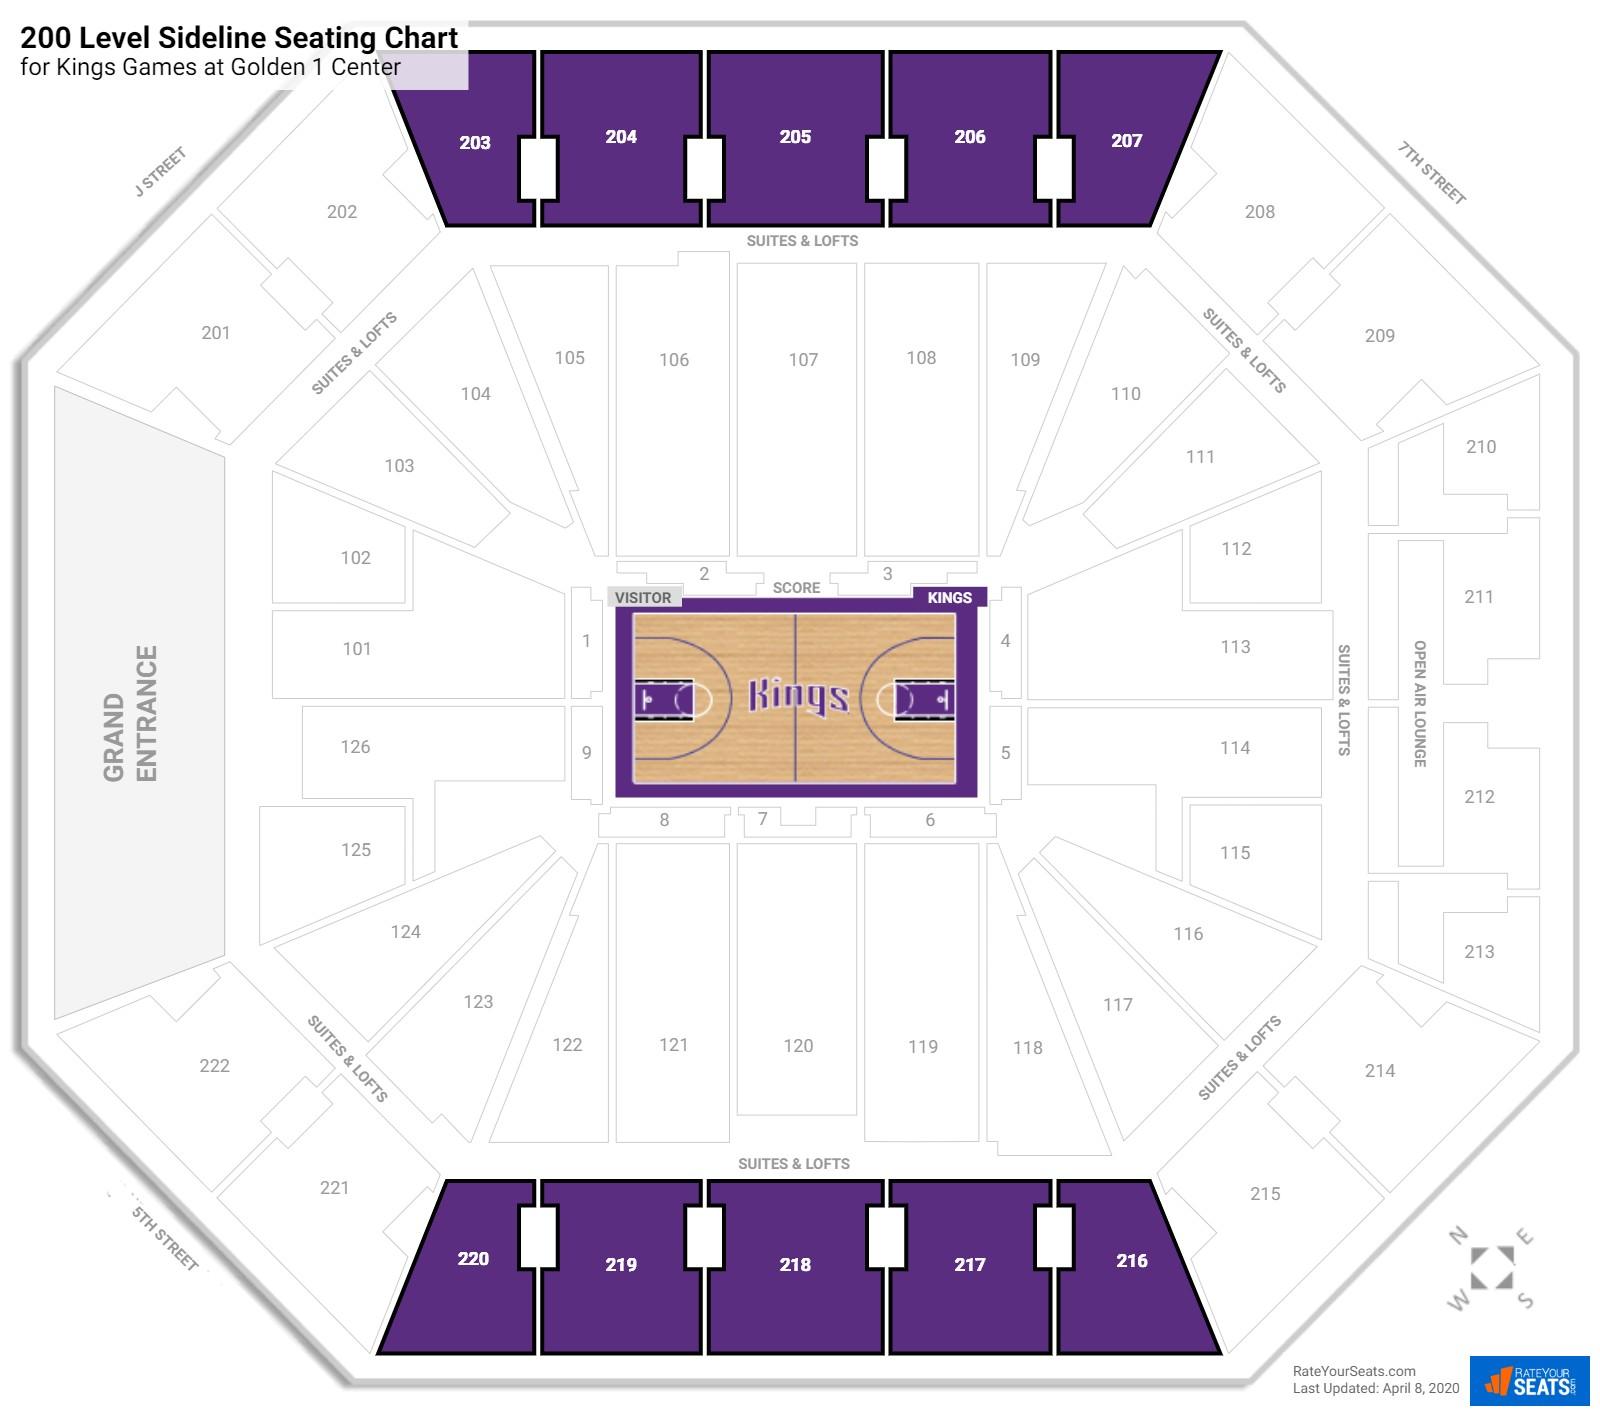 Sacramento Kings Seating Guide Golden 1 Center